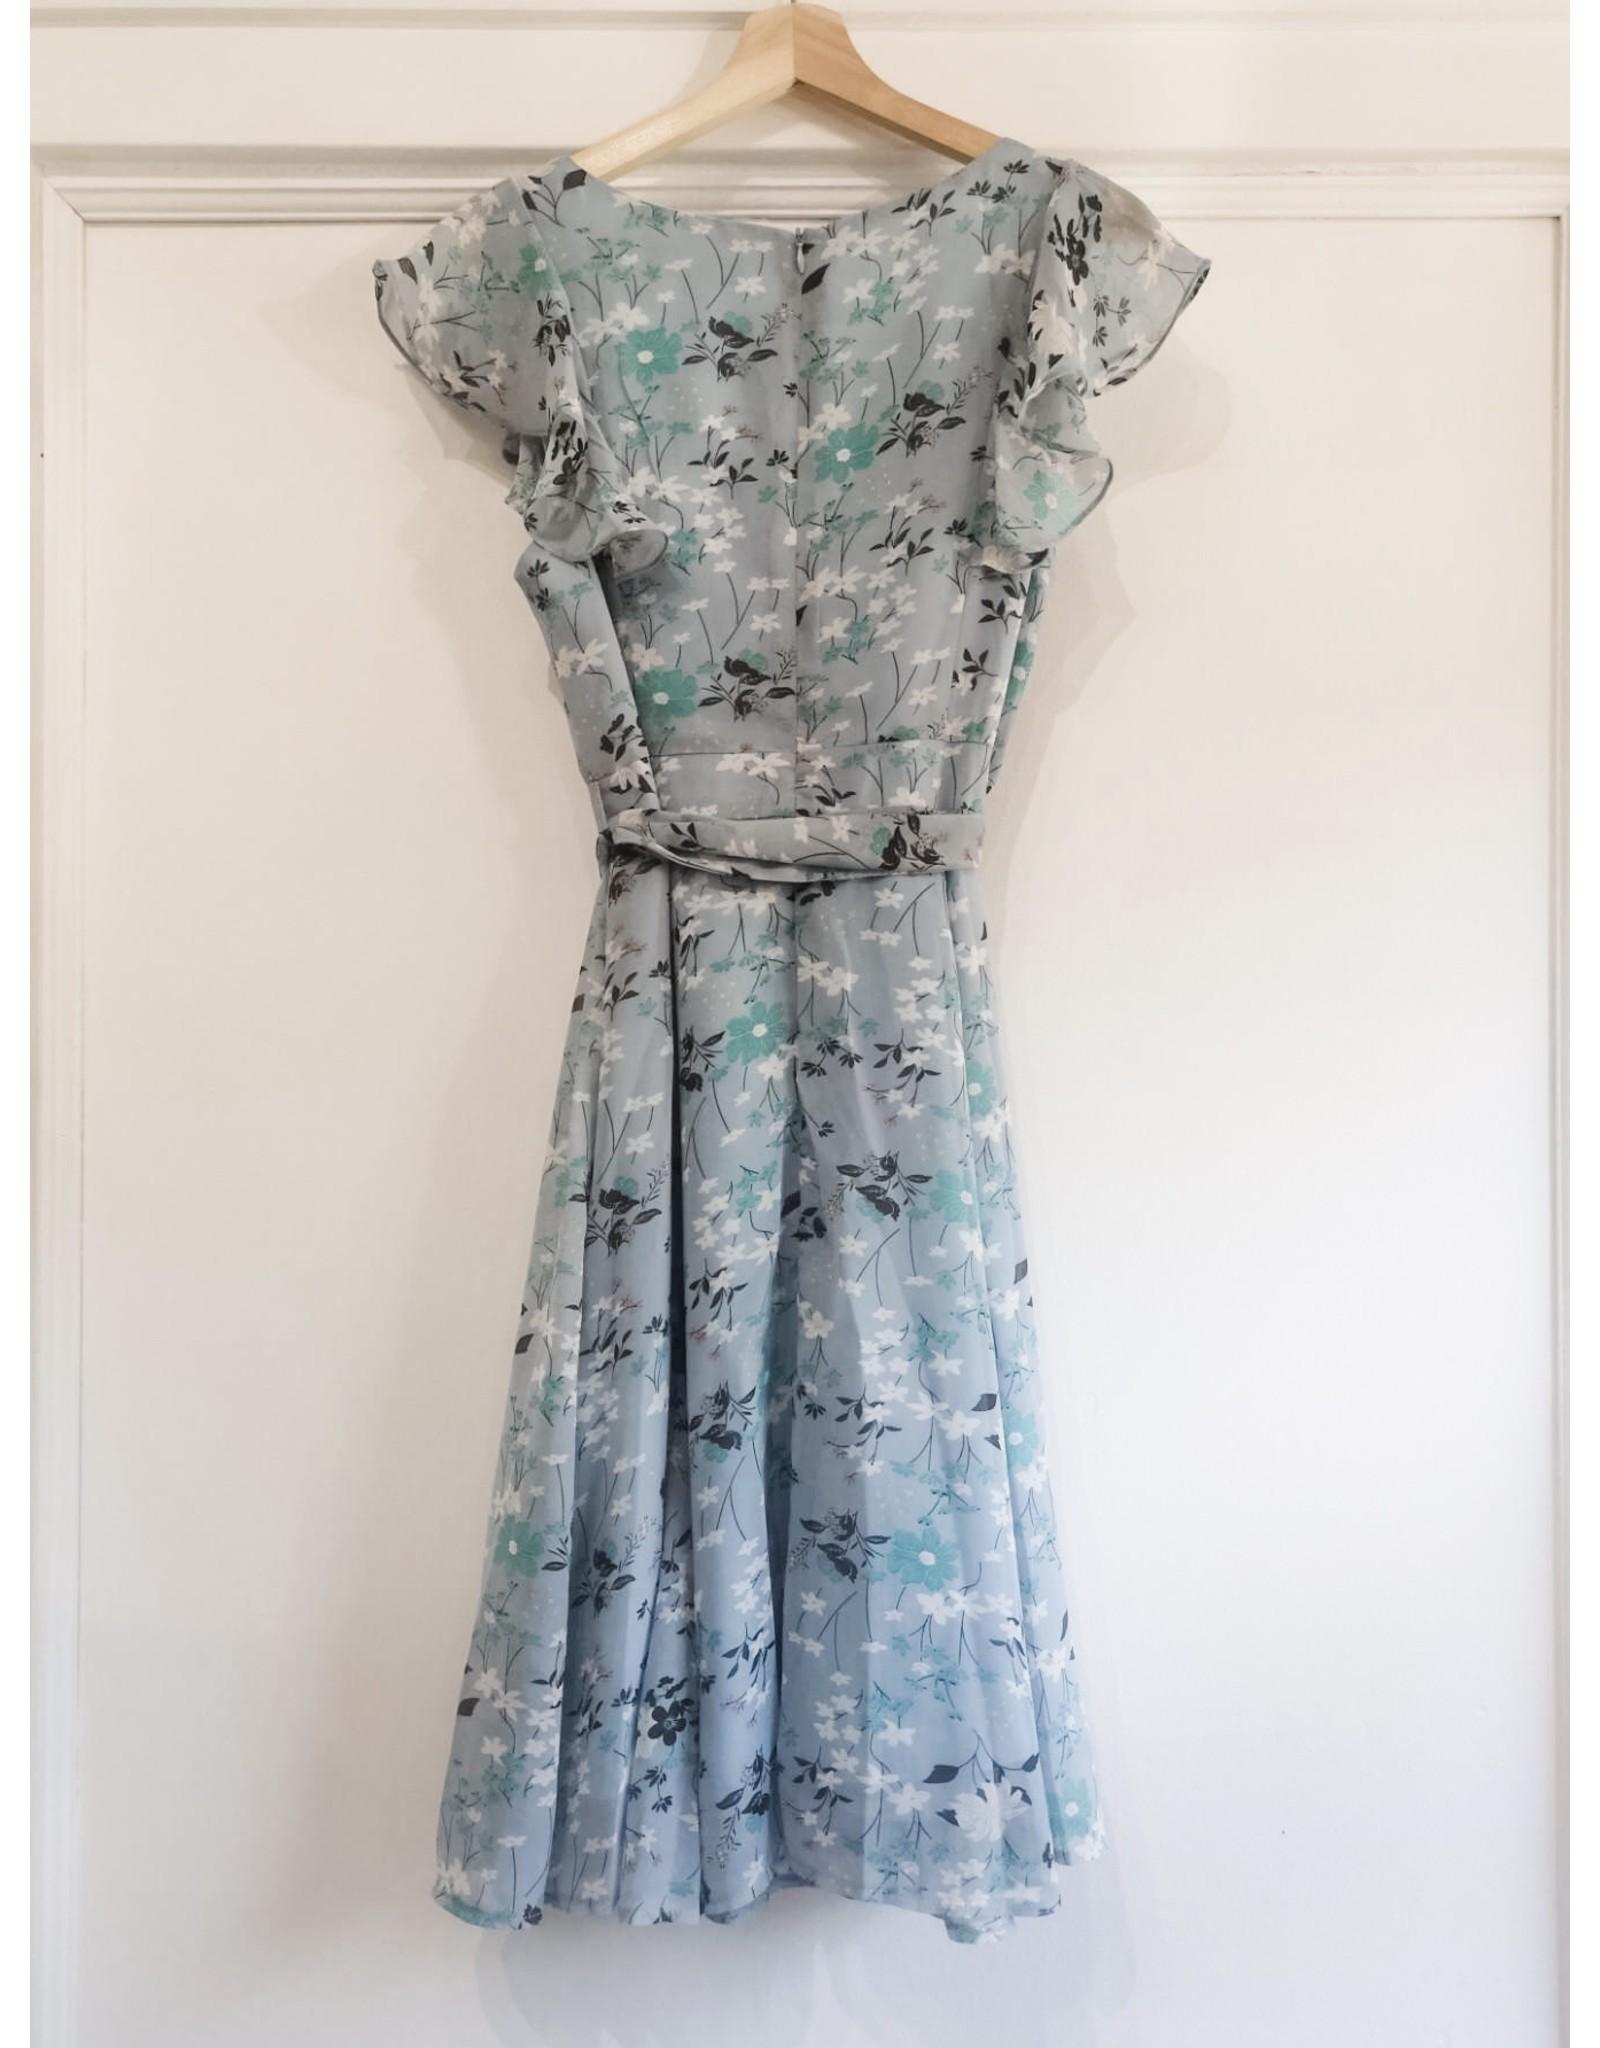 Papillon Papillon - Floral dress with ruffle details